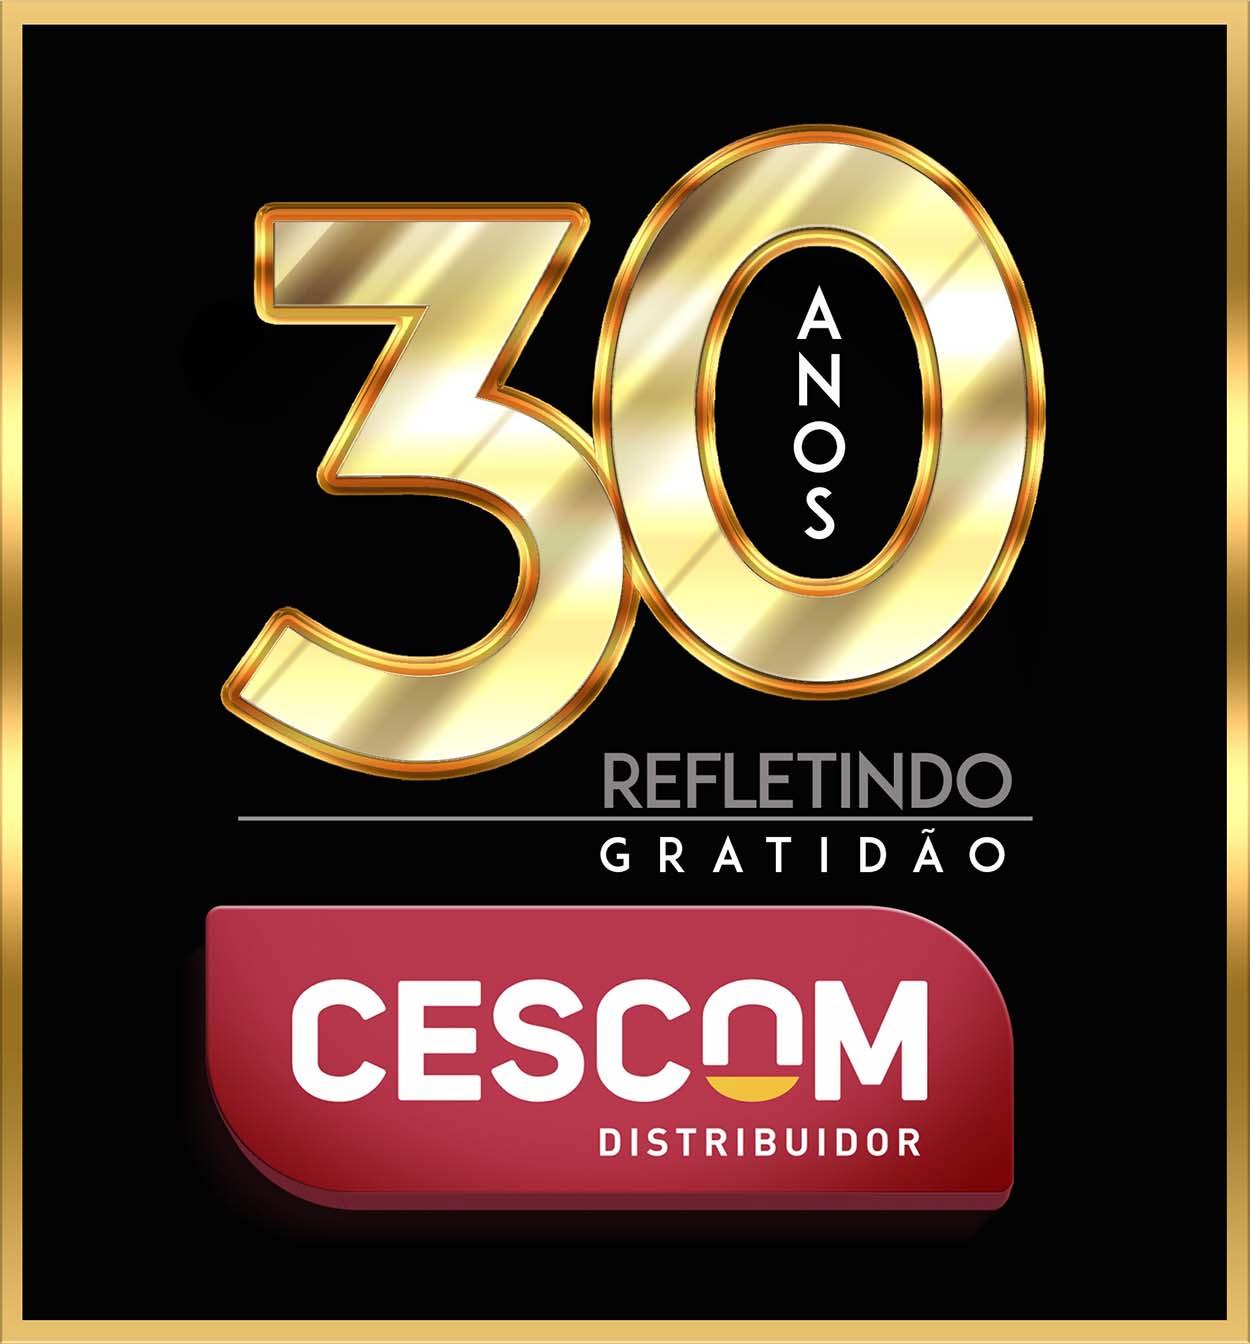 Cesscom